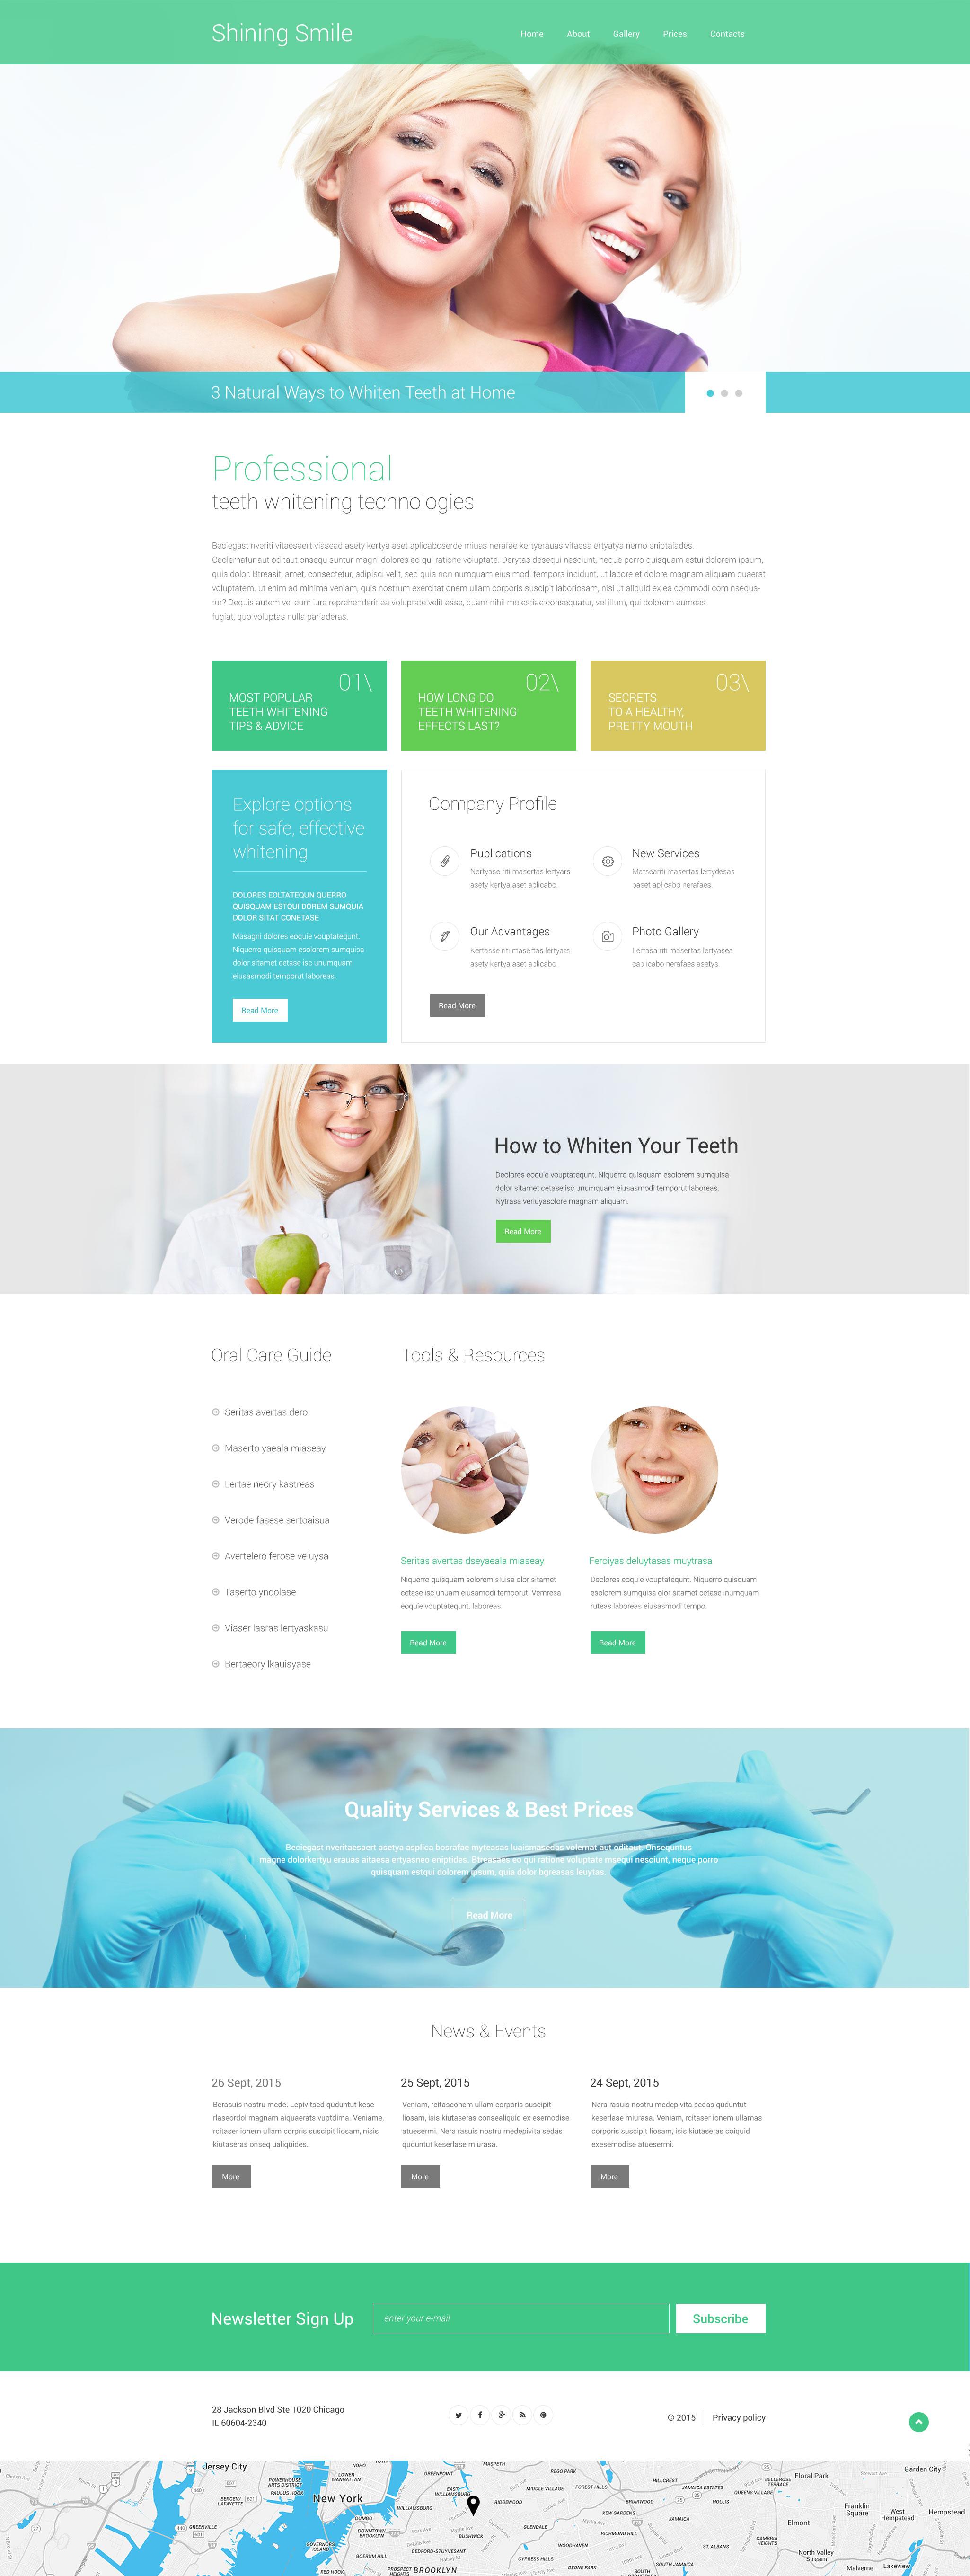 Template Web Flexível para Sites de Odontologia №57891 - screenshot